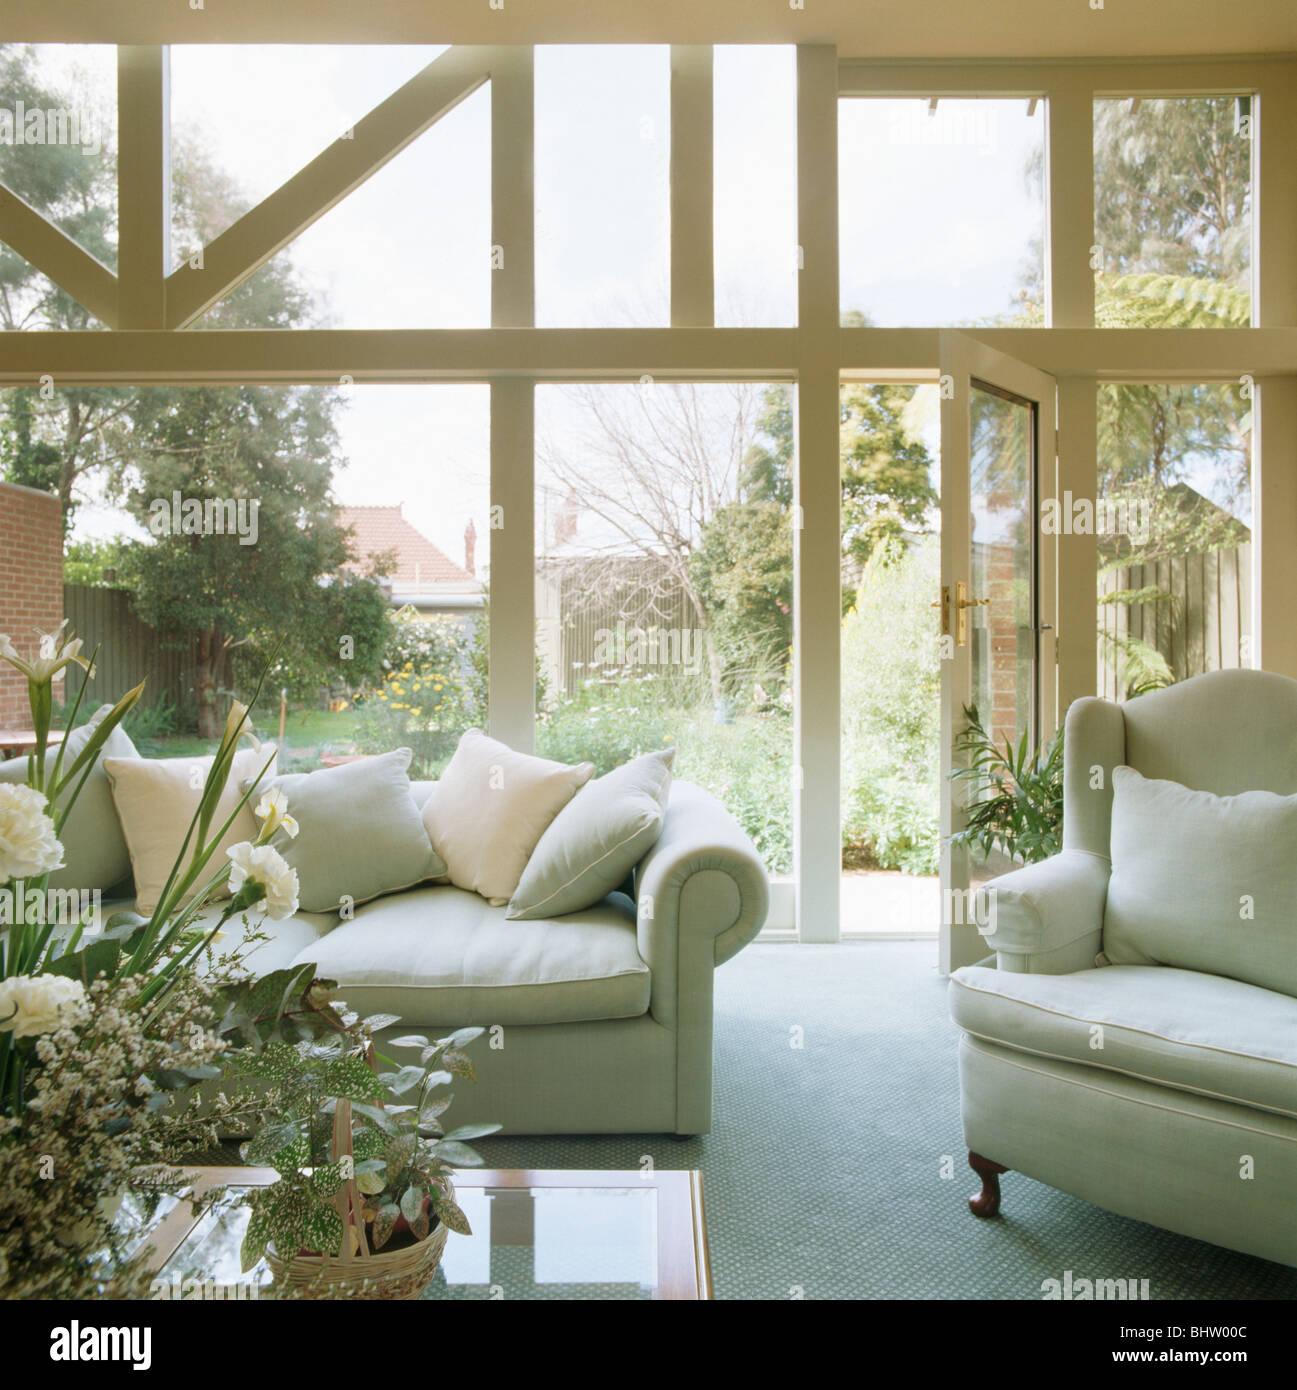 Weisses Sofa Und Sessel Im Modernen Wintergarten Wohnzimmer Mit